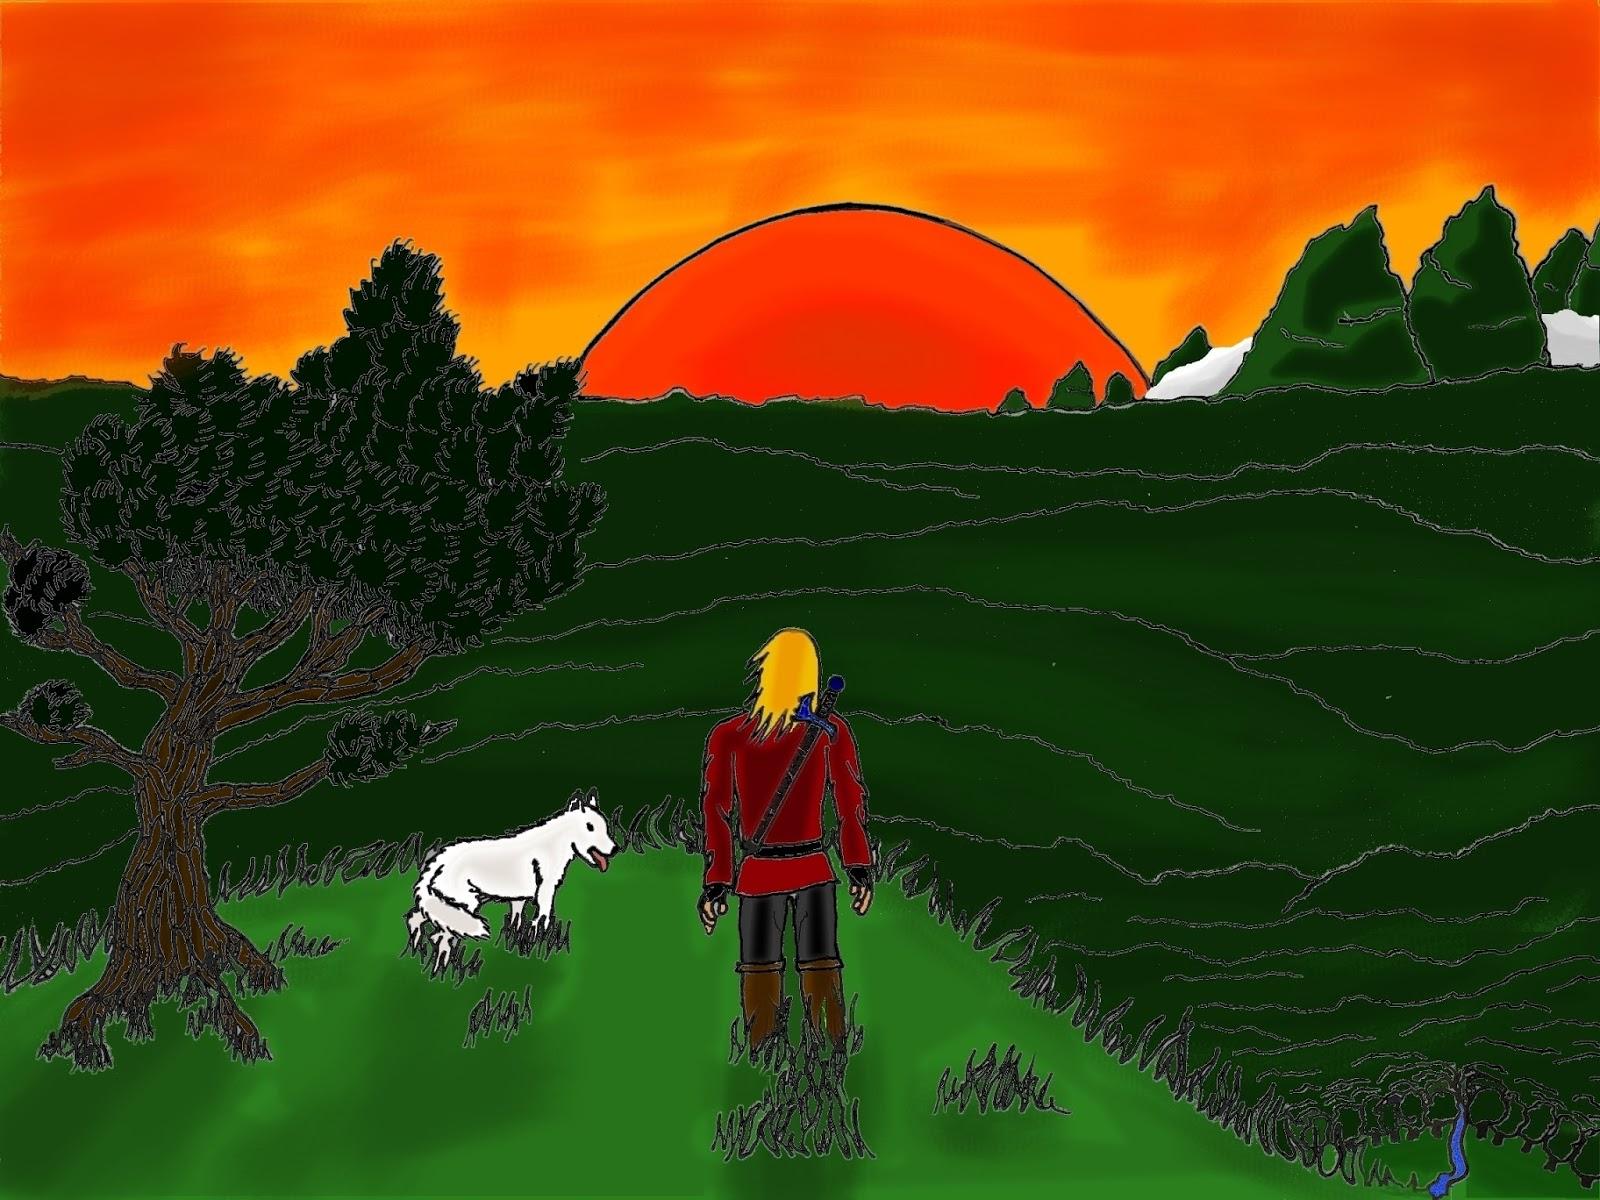 vieux dessin de soleil couchant avec un homme et un loup et un pin